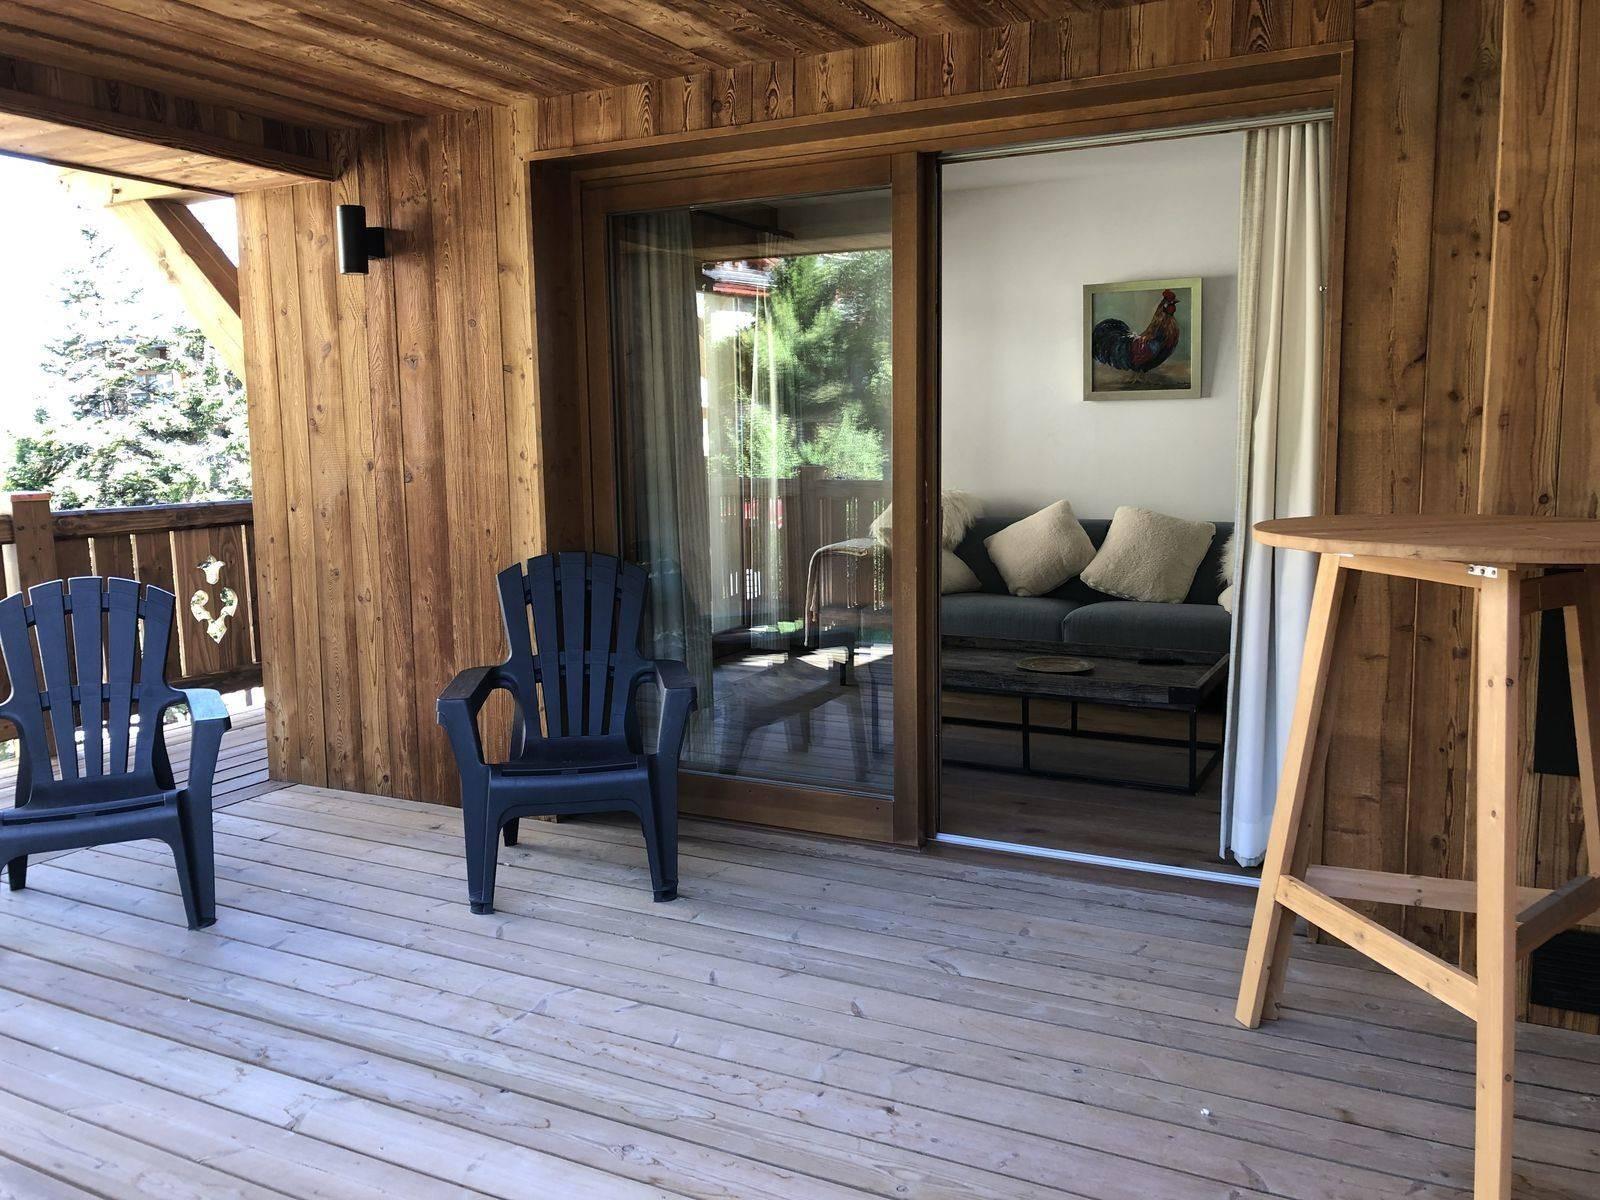 Courchevel 1300 Luxury Rental Appartment Tilite Terrasse 2